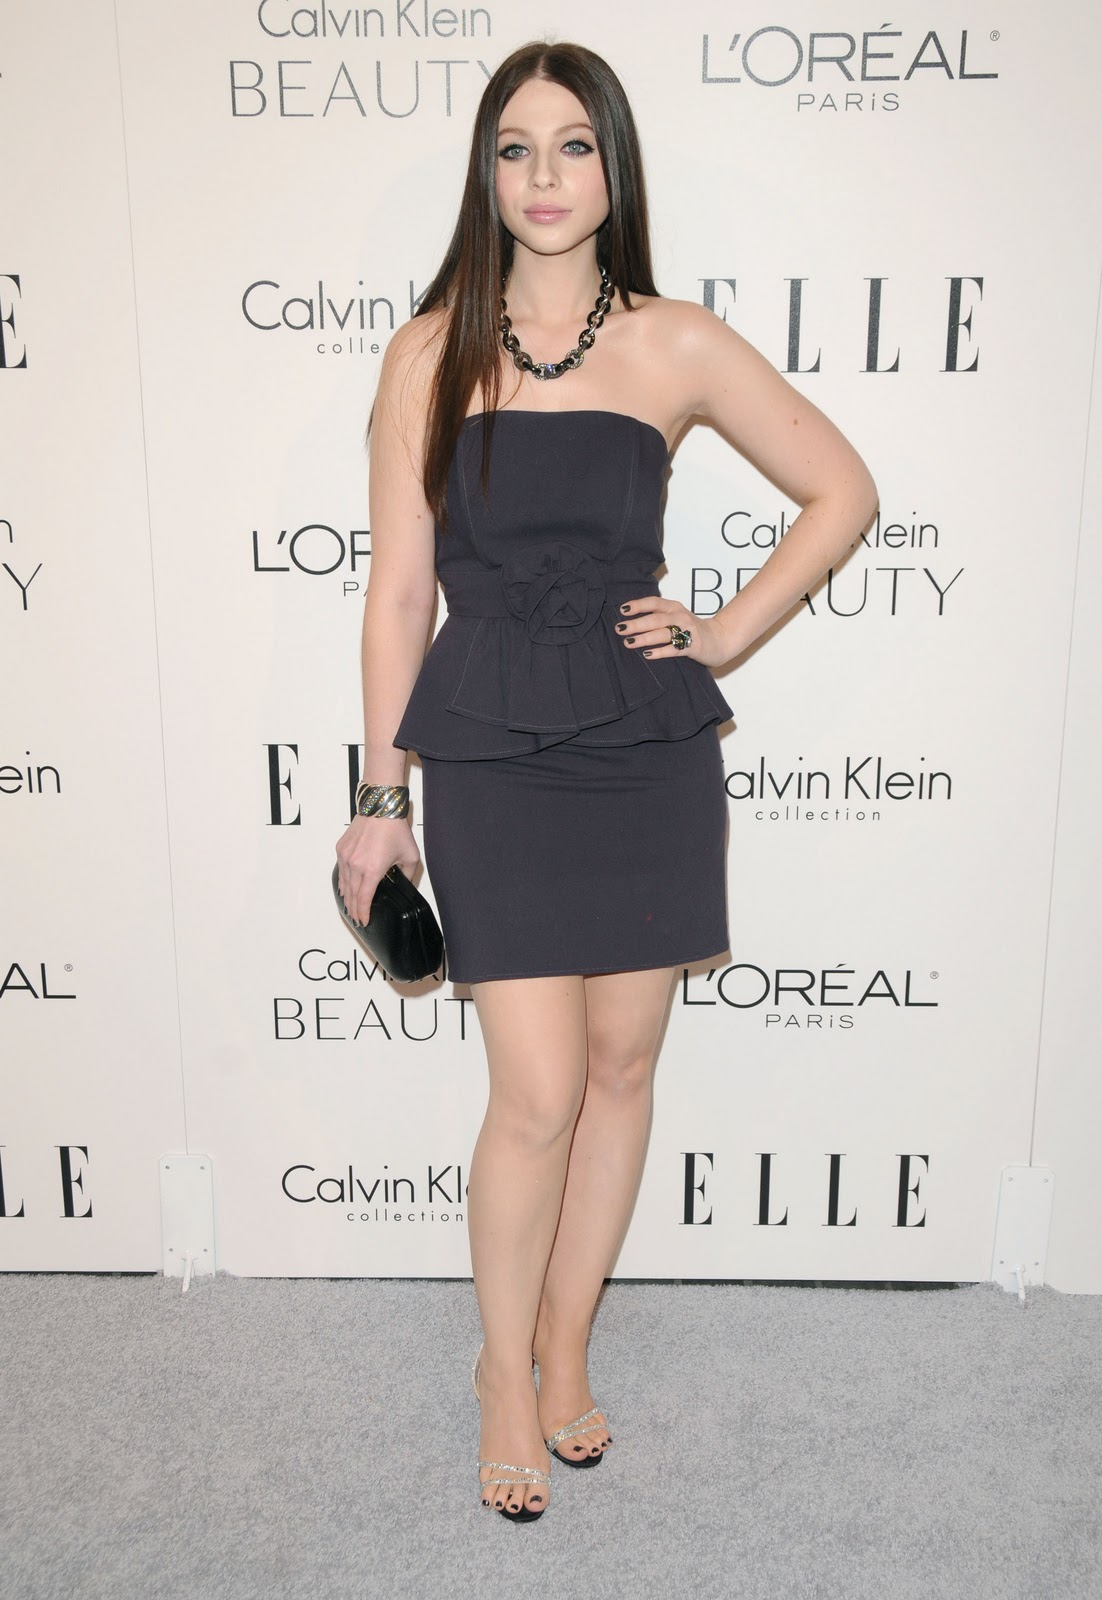 http://3.bp.blogspot.com/_kkFptMvDkUI/TTaqyBiT8-I/AAAAAAAADxM/PFGD9EXXWWk/s1600/Michelle-Trachtenberg-Feet-245037.jpg